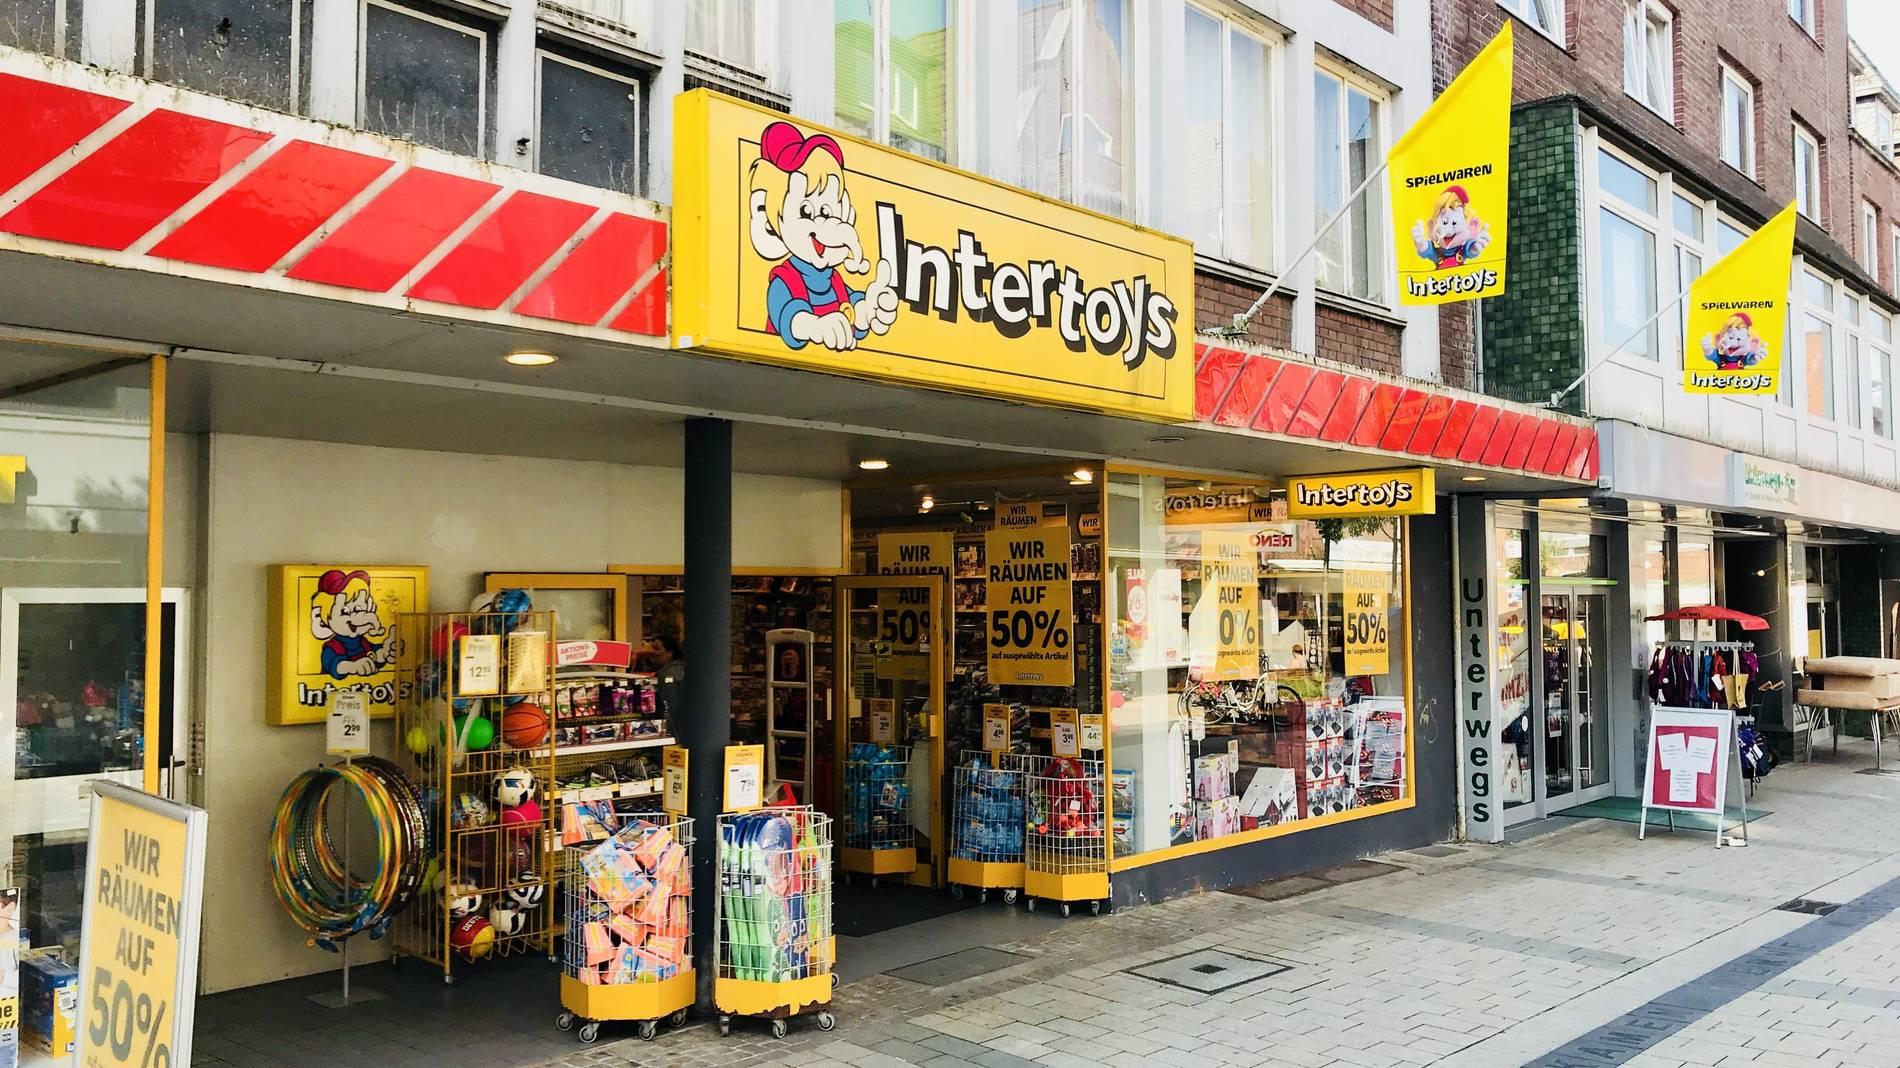 Intertoys Prospekt Alle Angebote aus den neuen Intertoys